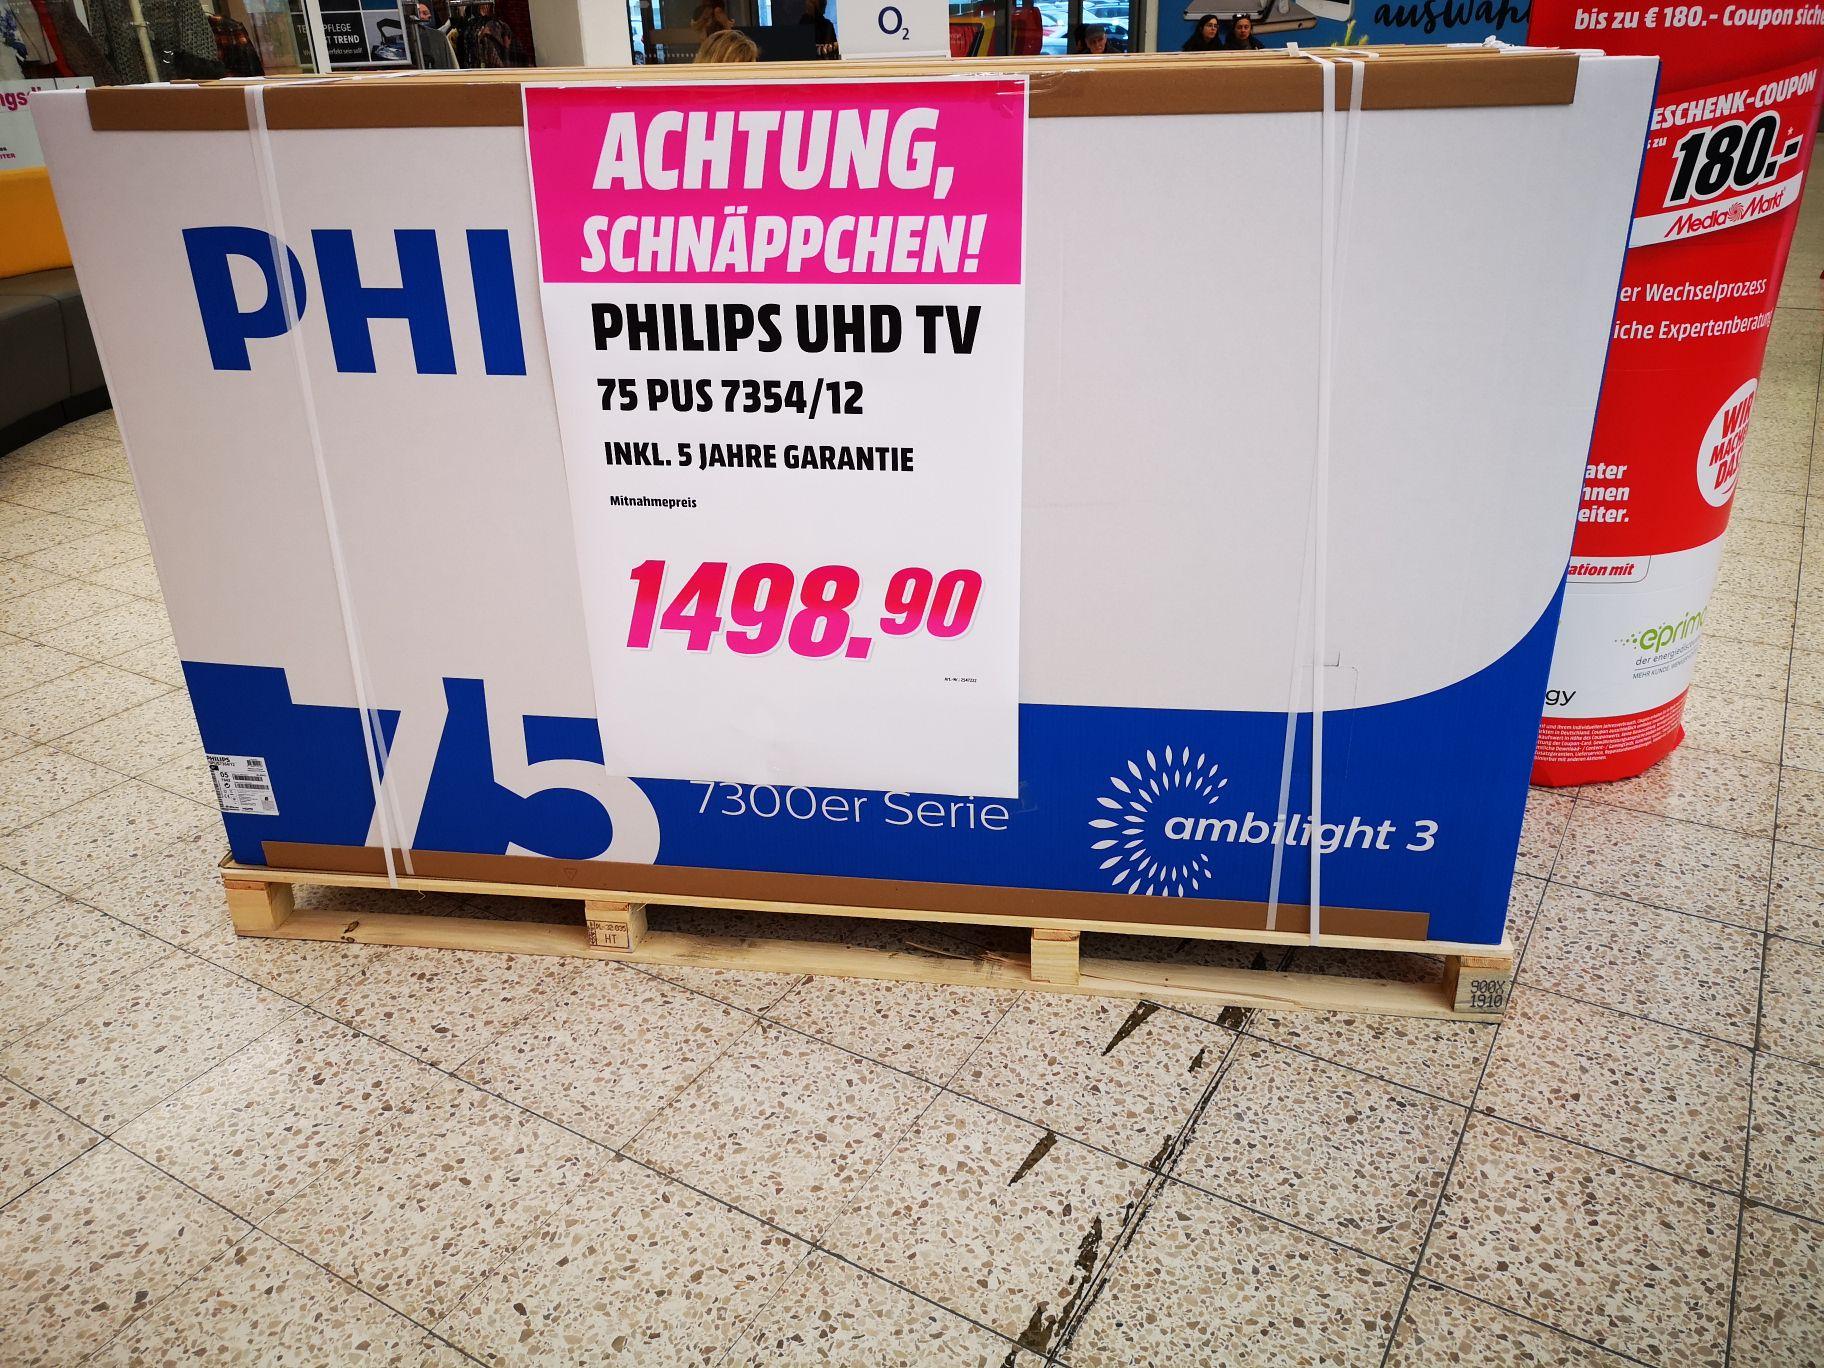 [MM Oststeinbek] Philips 75PUS7345412 für 1498,90 inkl. 5 Jahren Garantie (LED, 3-seitiges Ambilight, Micro Dimming, HDR10+)